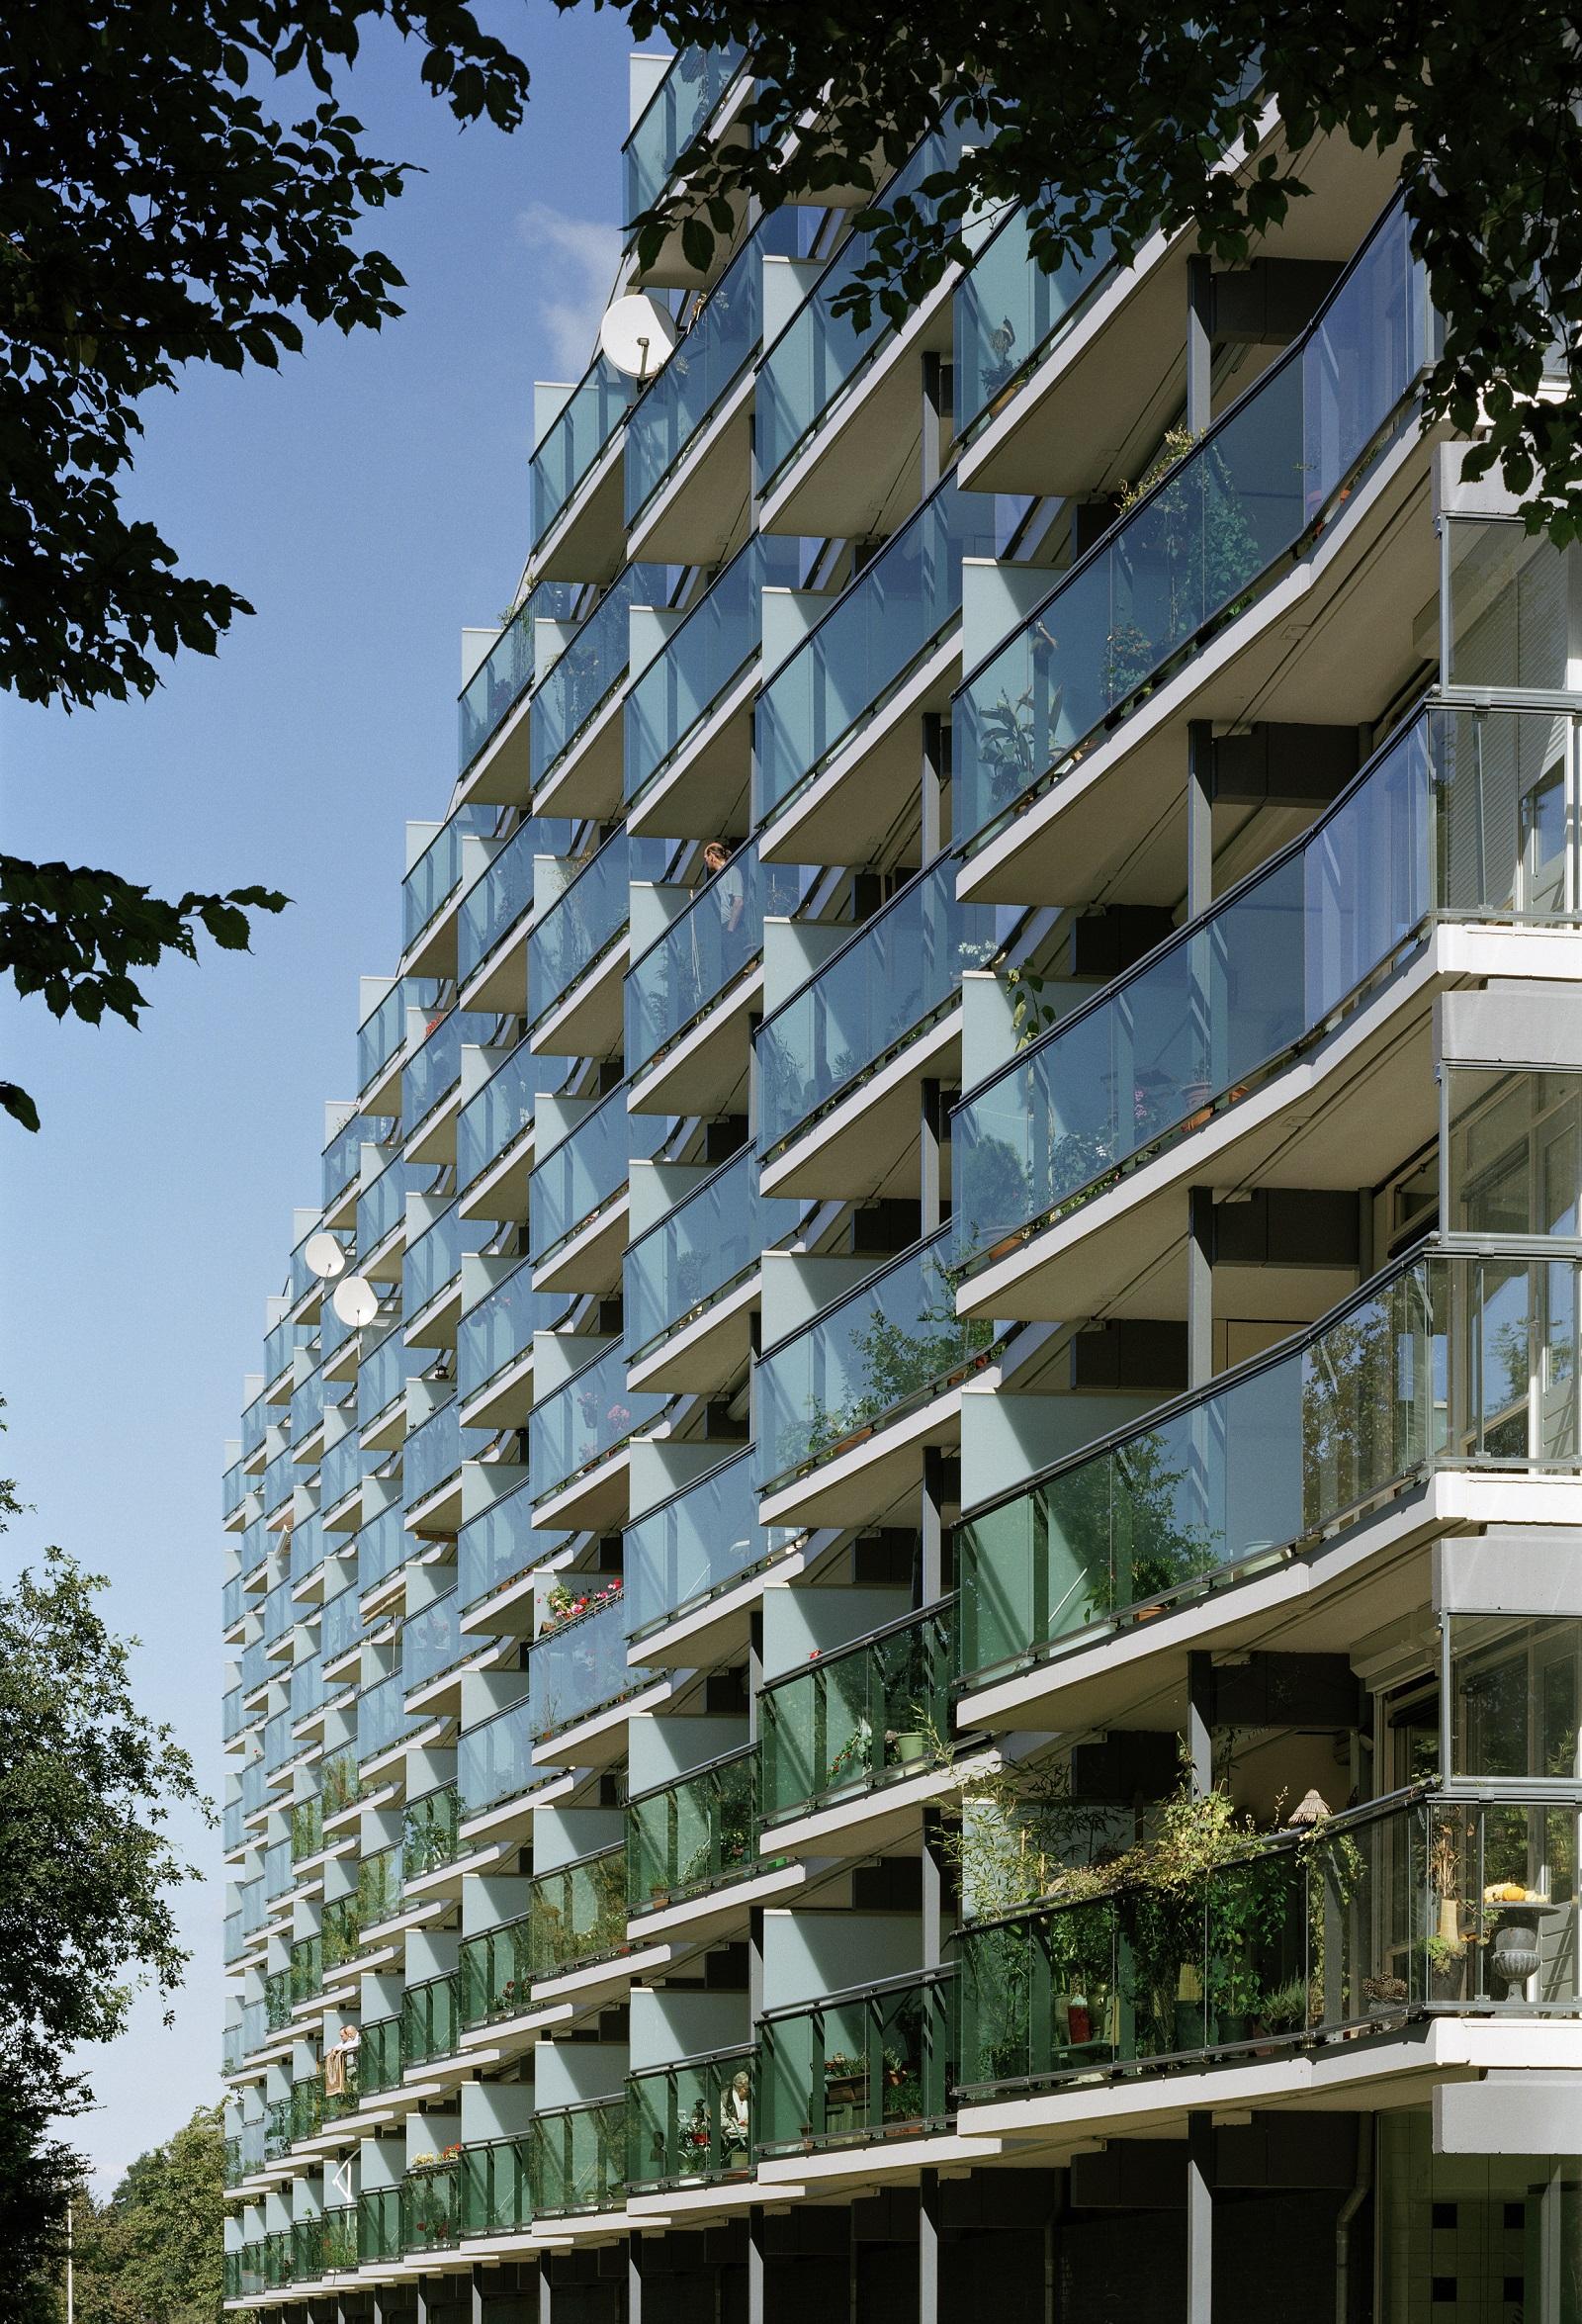 Renovatie helmersflat roosendaal rinus roovers architectuur - Architectuur renovatie ...